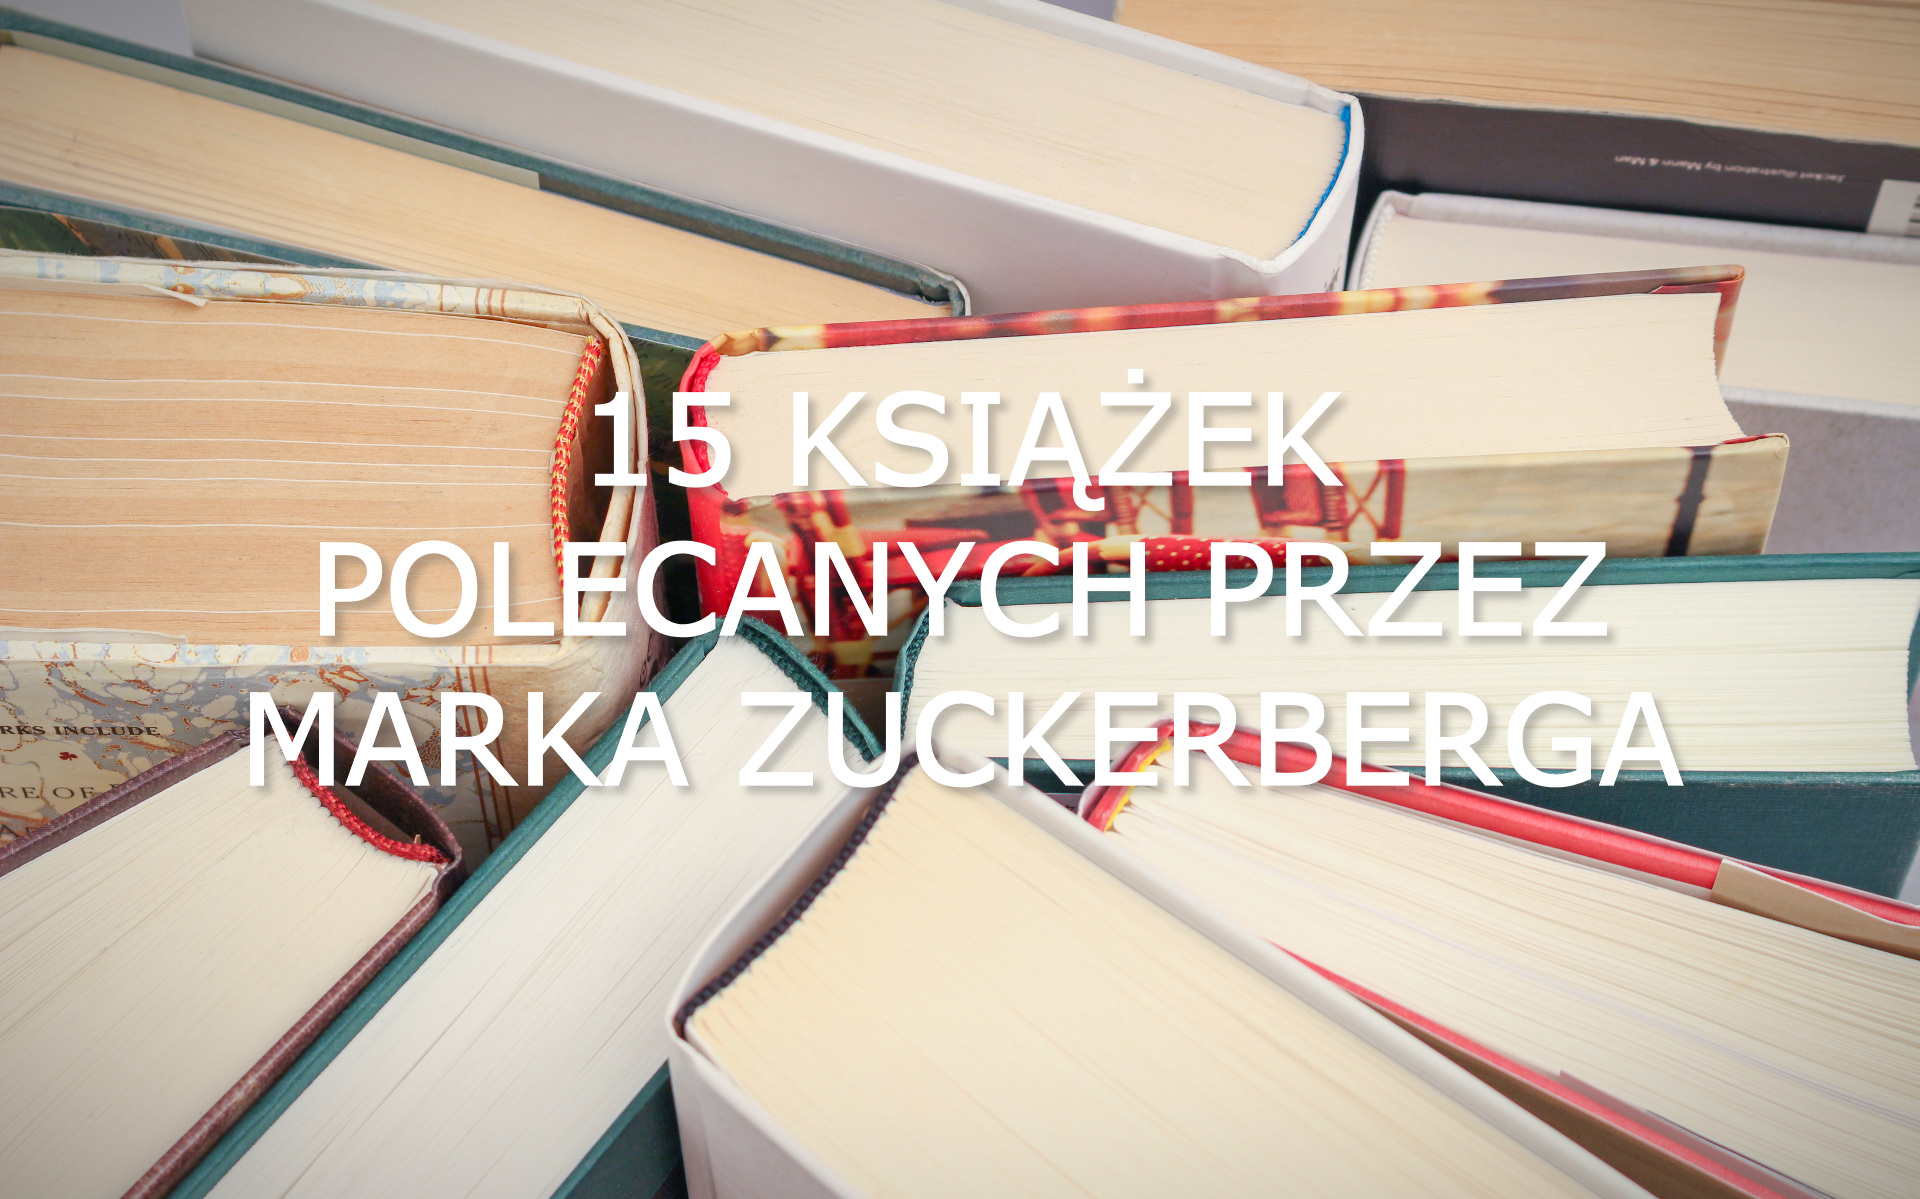 15 książek polecanych przez Marka Zuckerberga - www.naczytniku.pl